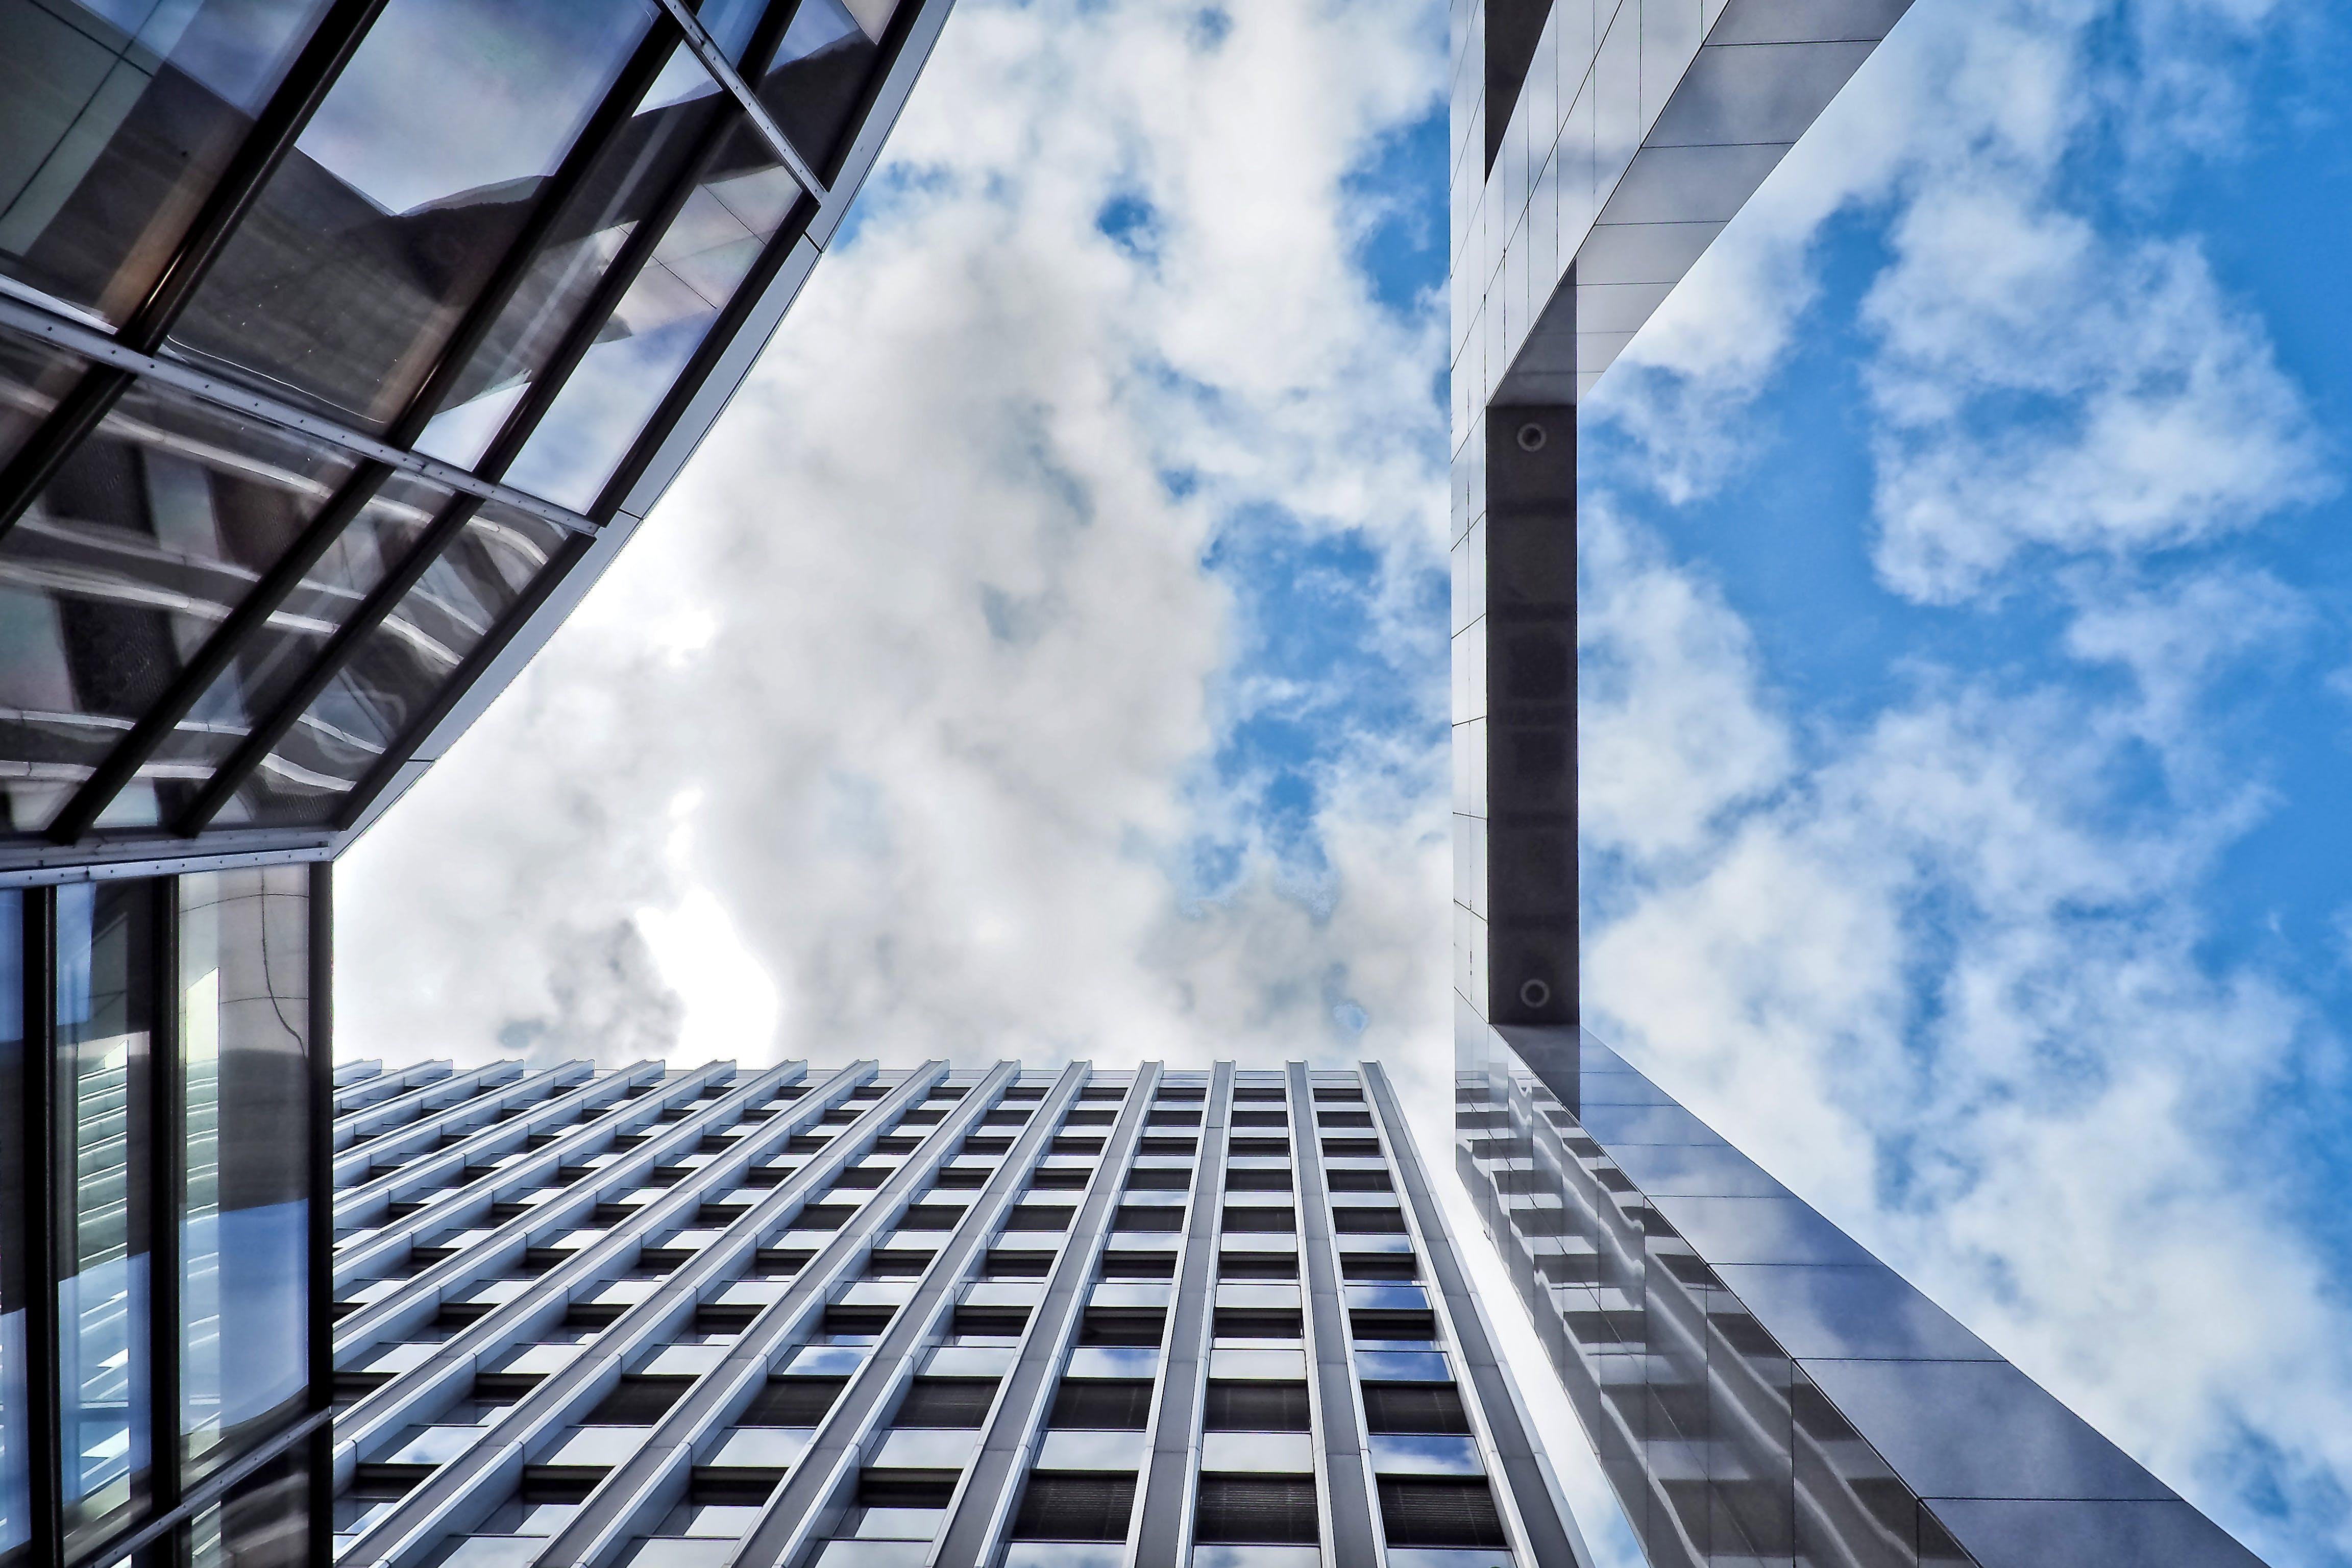 低角度拍攝, 反射, 建造, 玻璃 的 免費圖庫相片